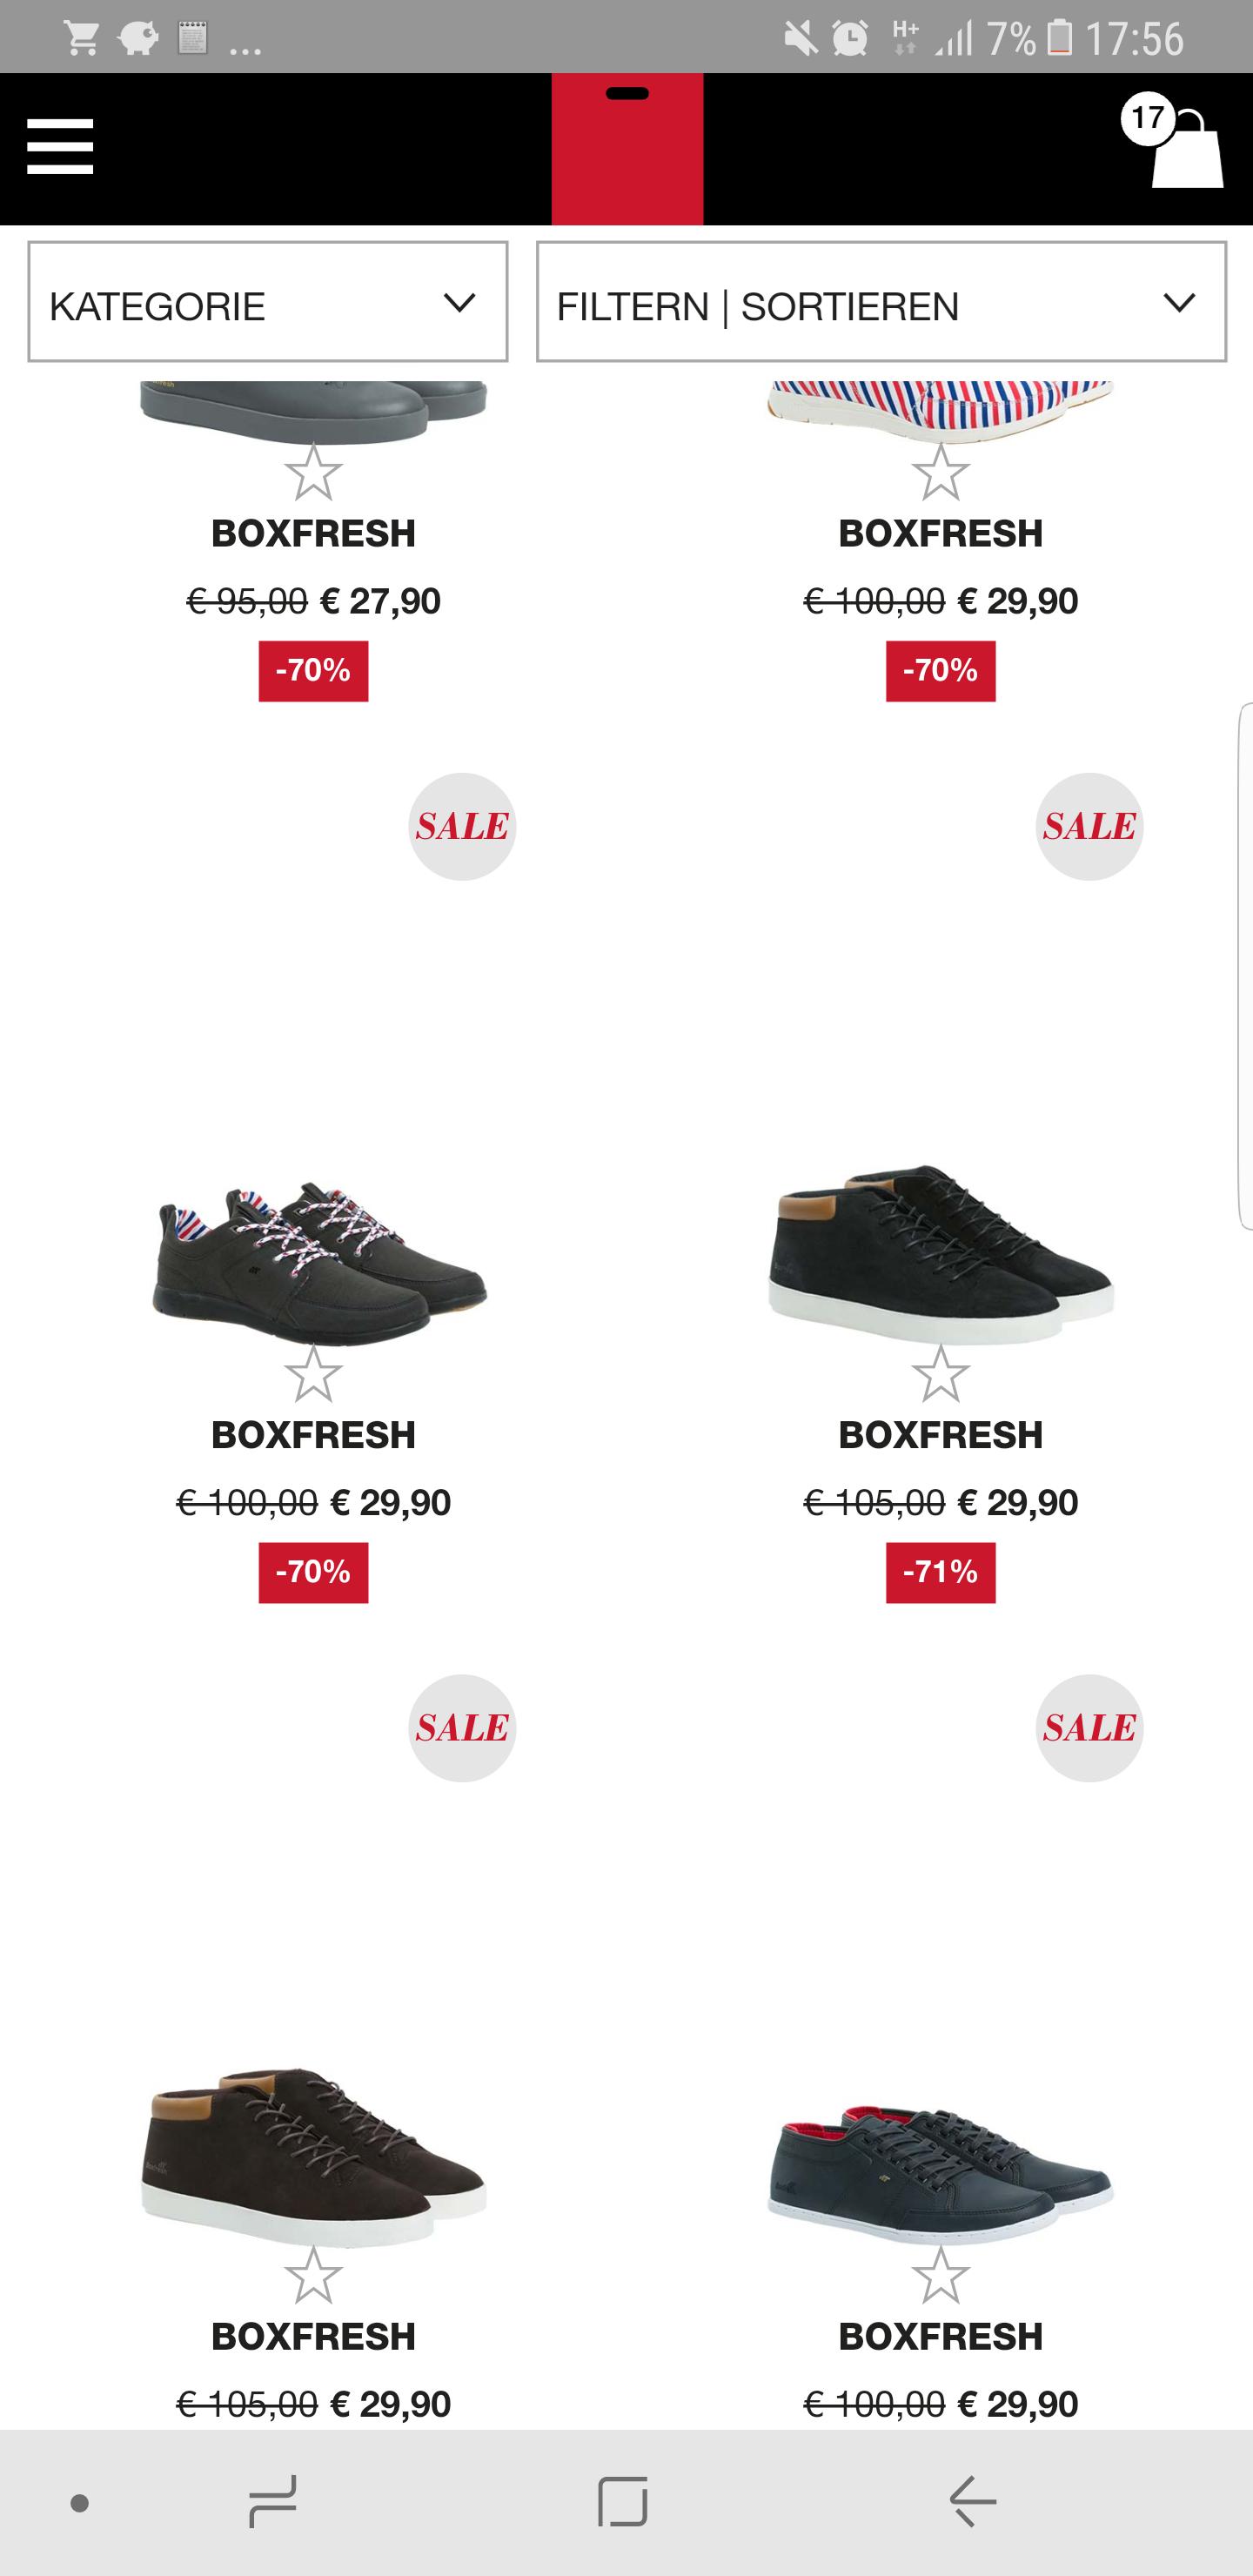 Boxfresh Schuhe verschiede Modele und Größen ab 27,90 zuzüglich 4,90 Versandkosten